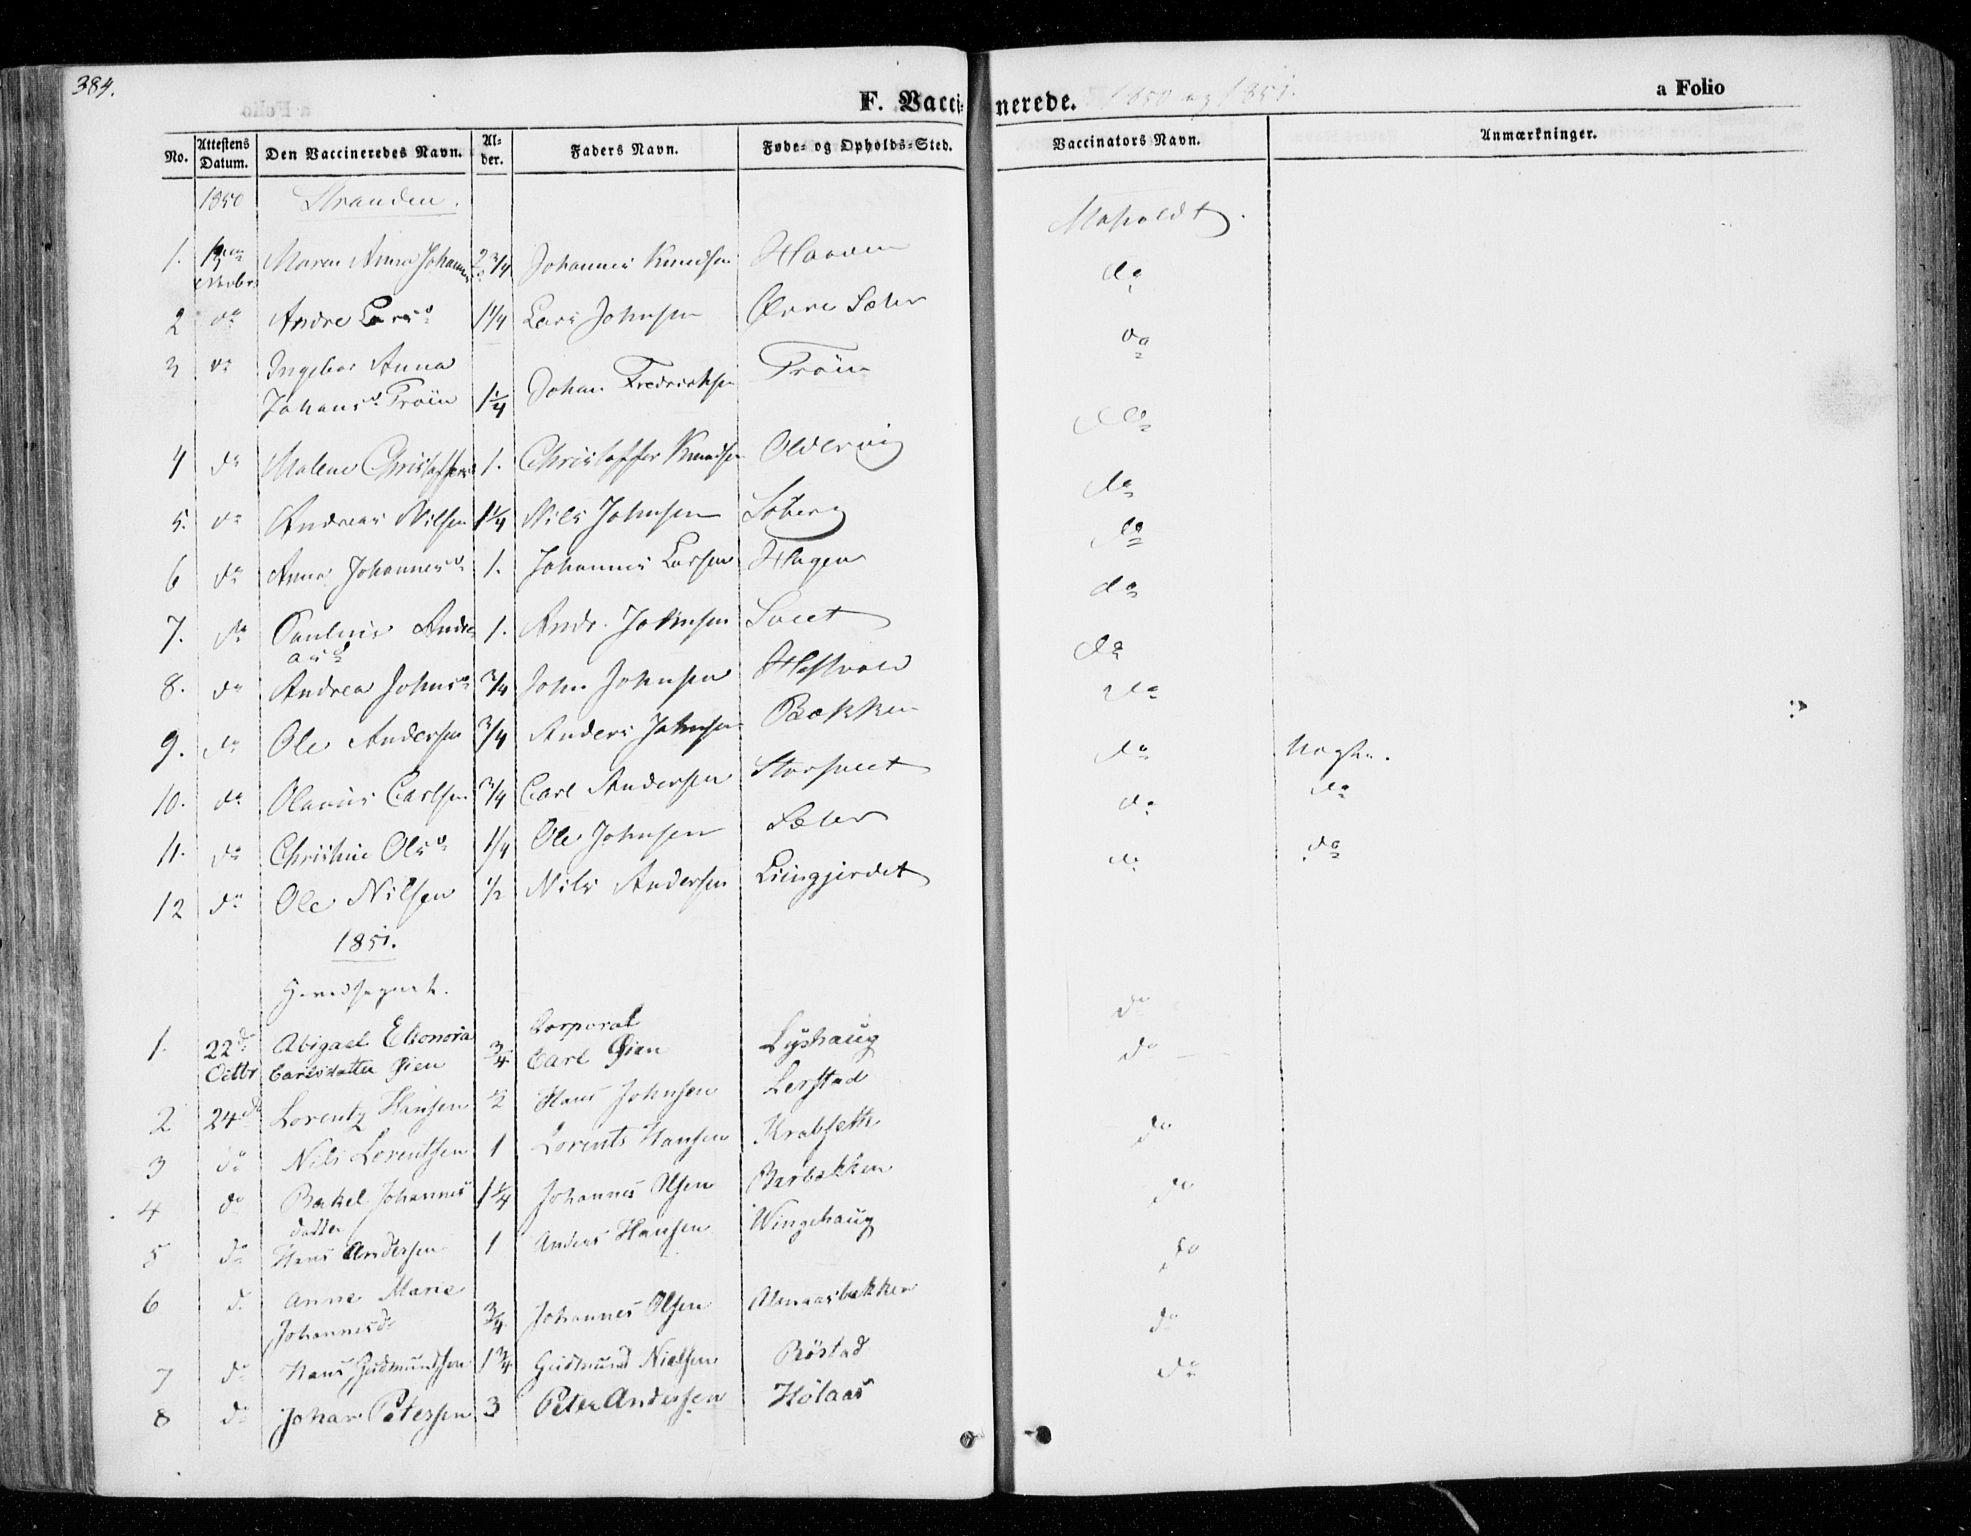 SAT, Ministerialprotokoller, klokkerbøker og fødselsregistre - Nord-Trøndelag, 701/L0007: Ministerialbok nr. 701A07 /1, 1842-1854, s. 384